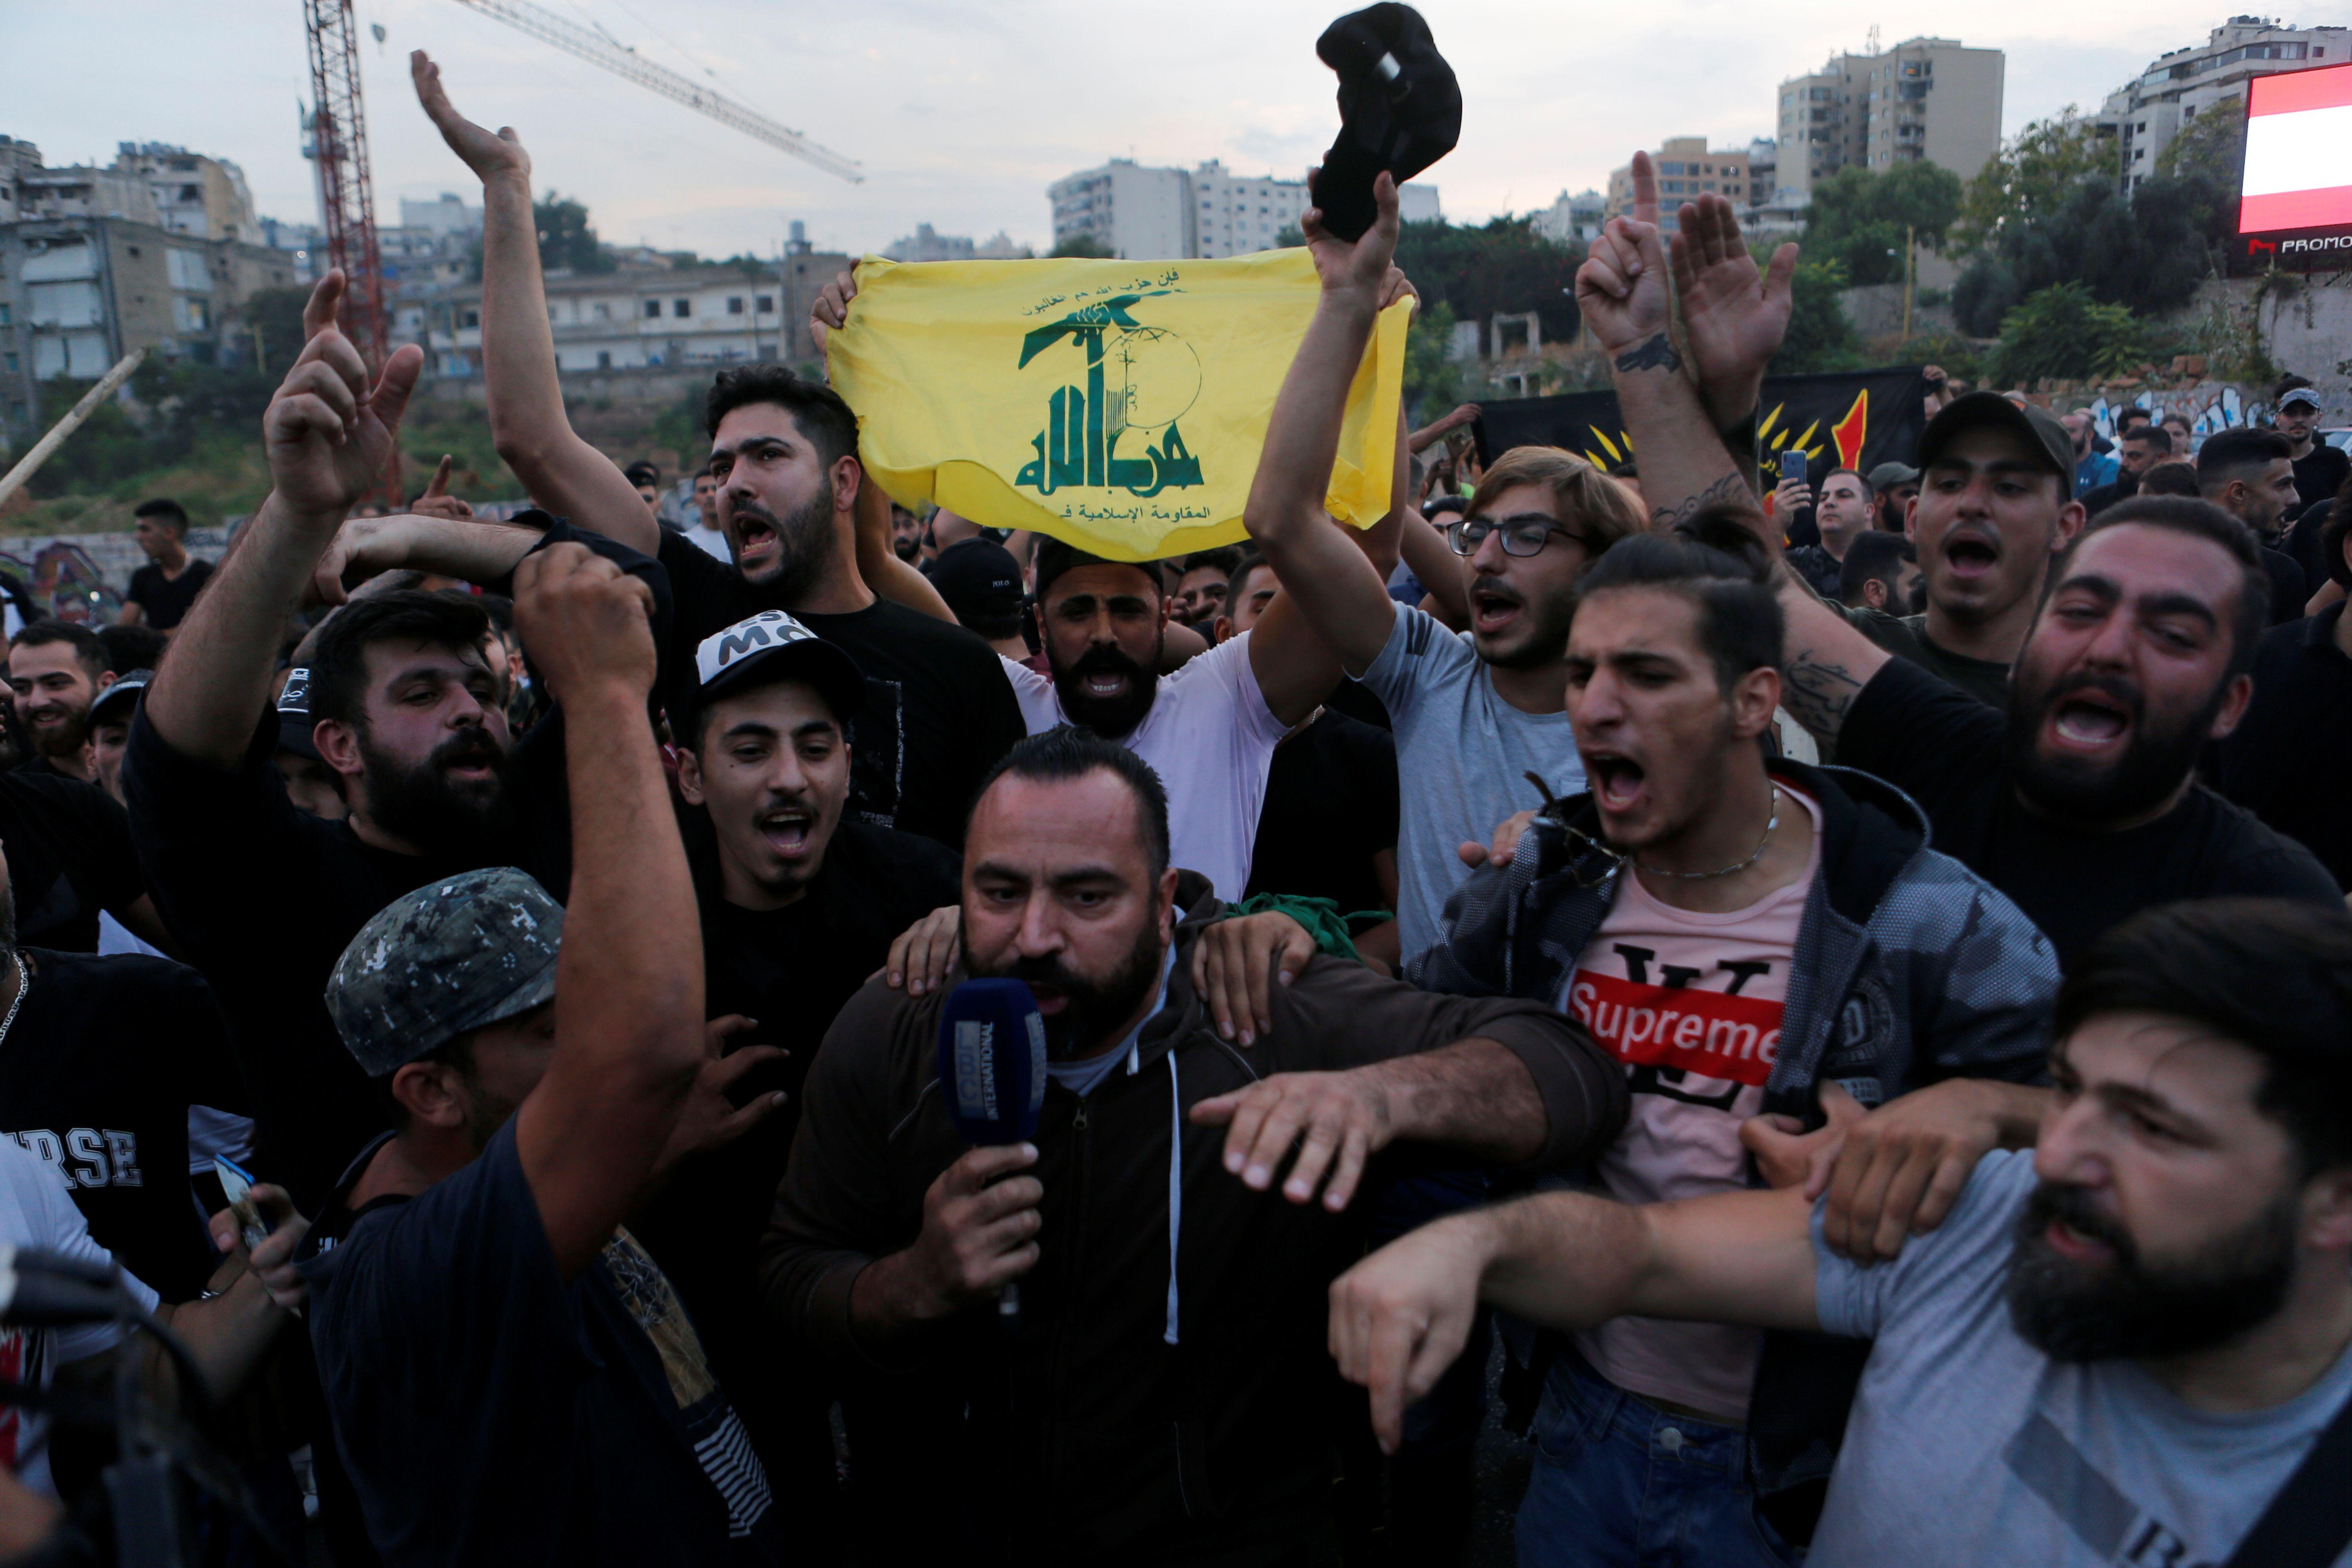 2019-10-25T161211Z_220811293_RC112EF115F0_RTRMADP_3_LEBANON-PROTESTS-NASRALLAH